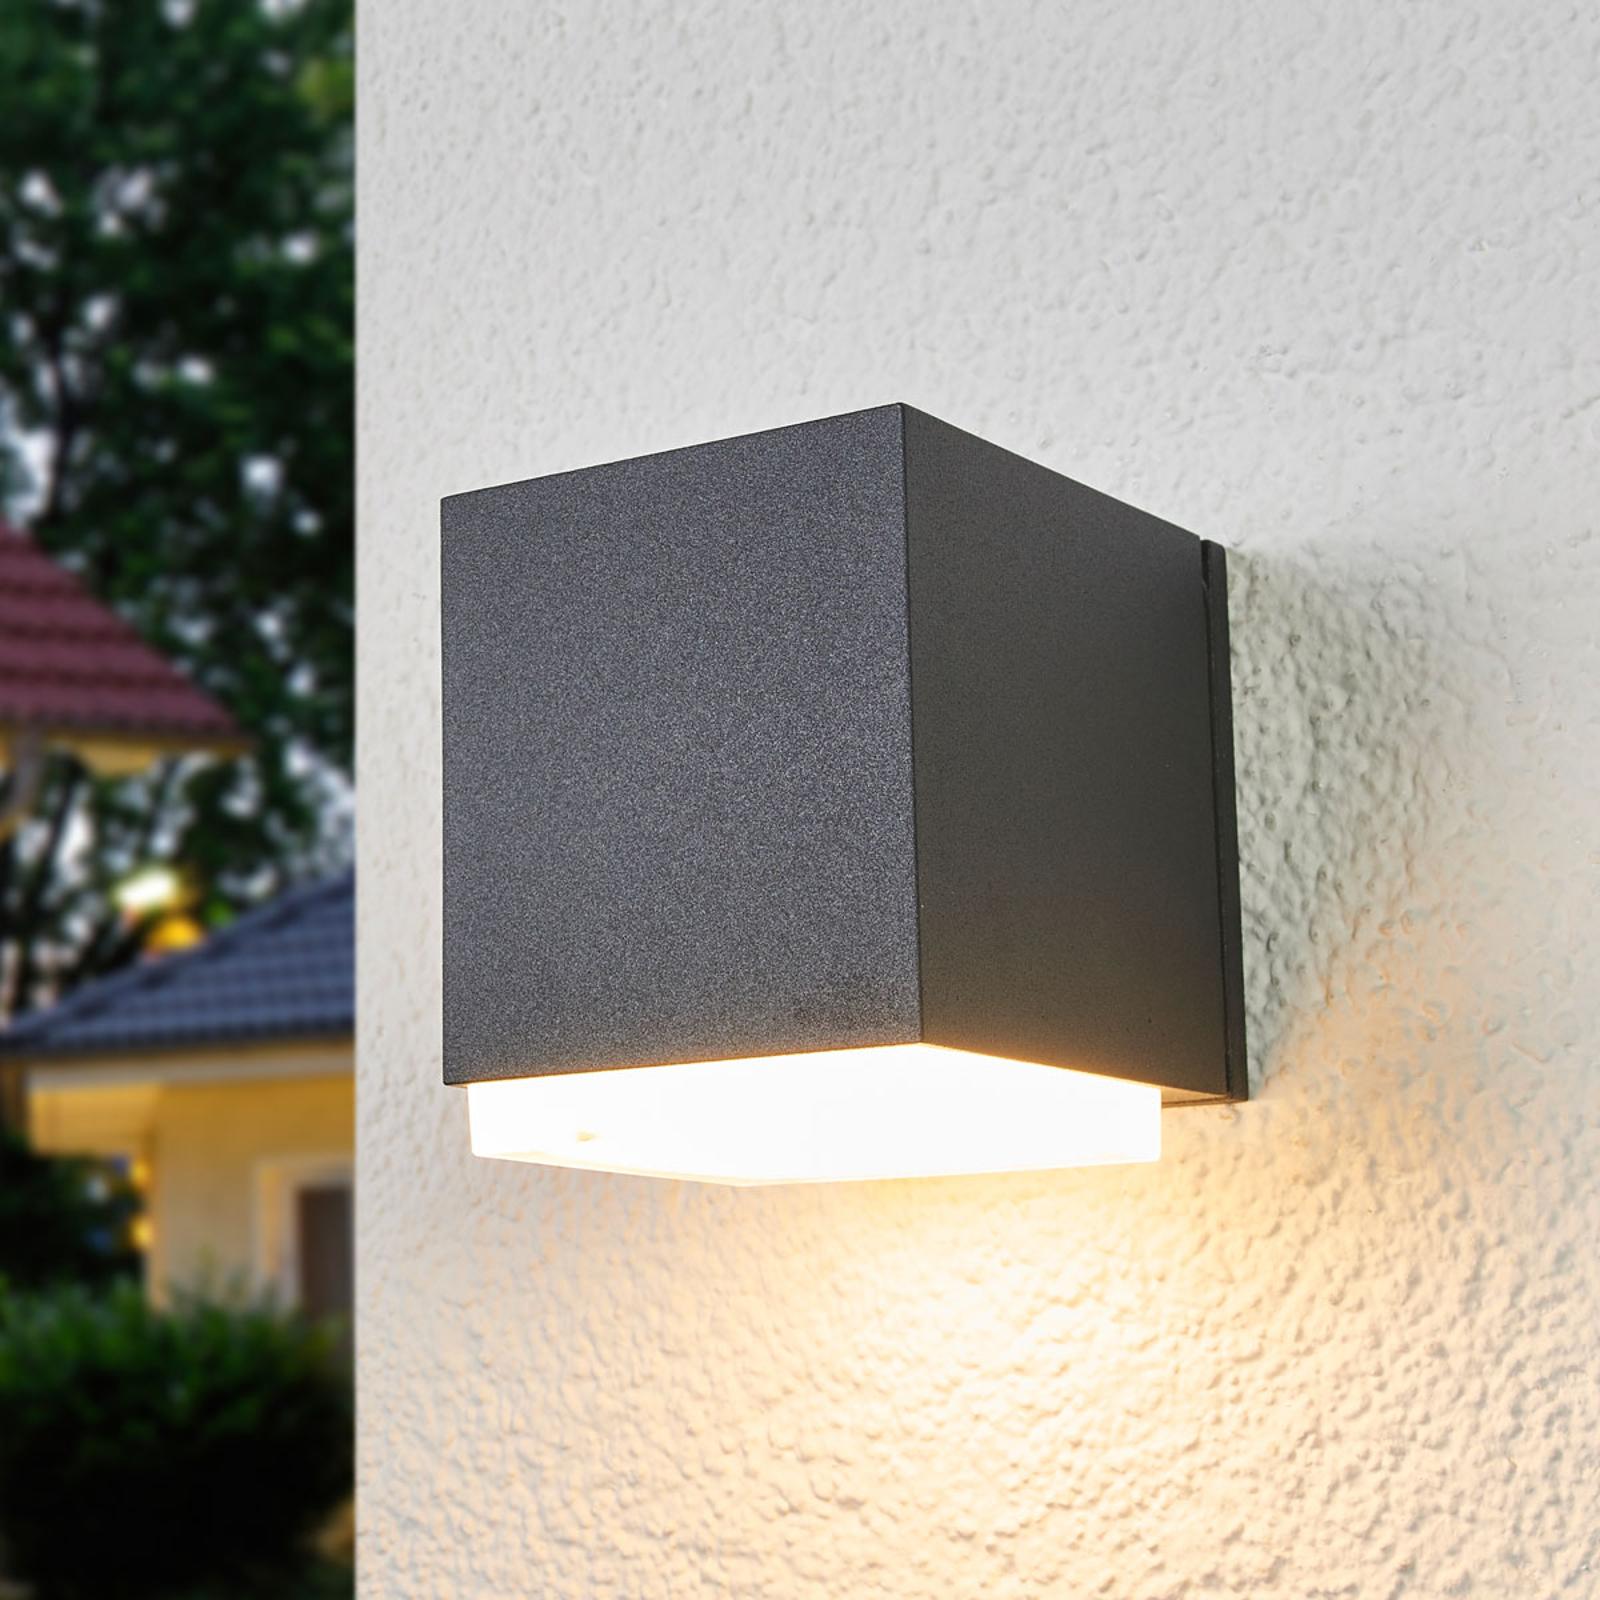 BEGA 33405K3 LED wall lamp graphite 3,000 K down_1566018_1